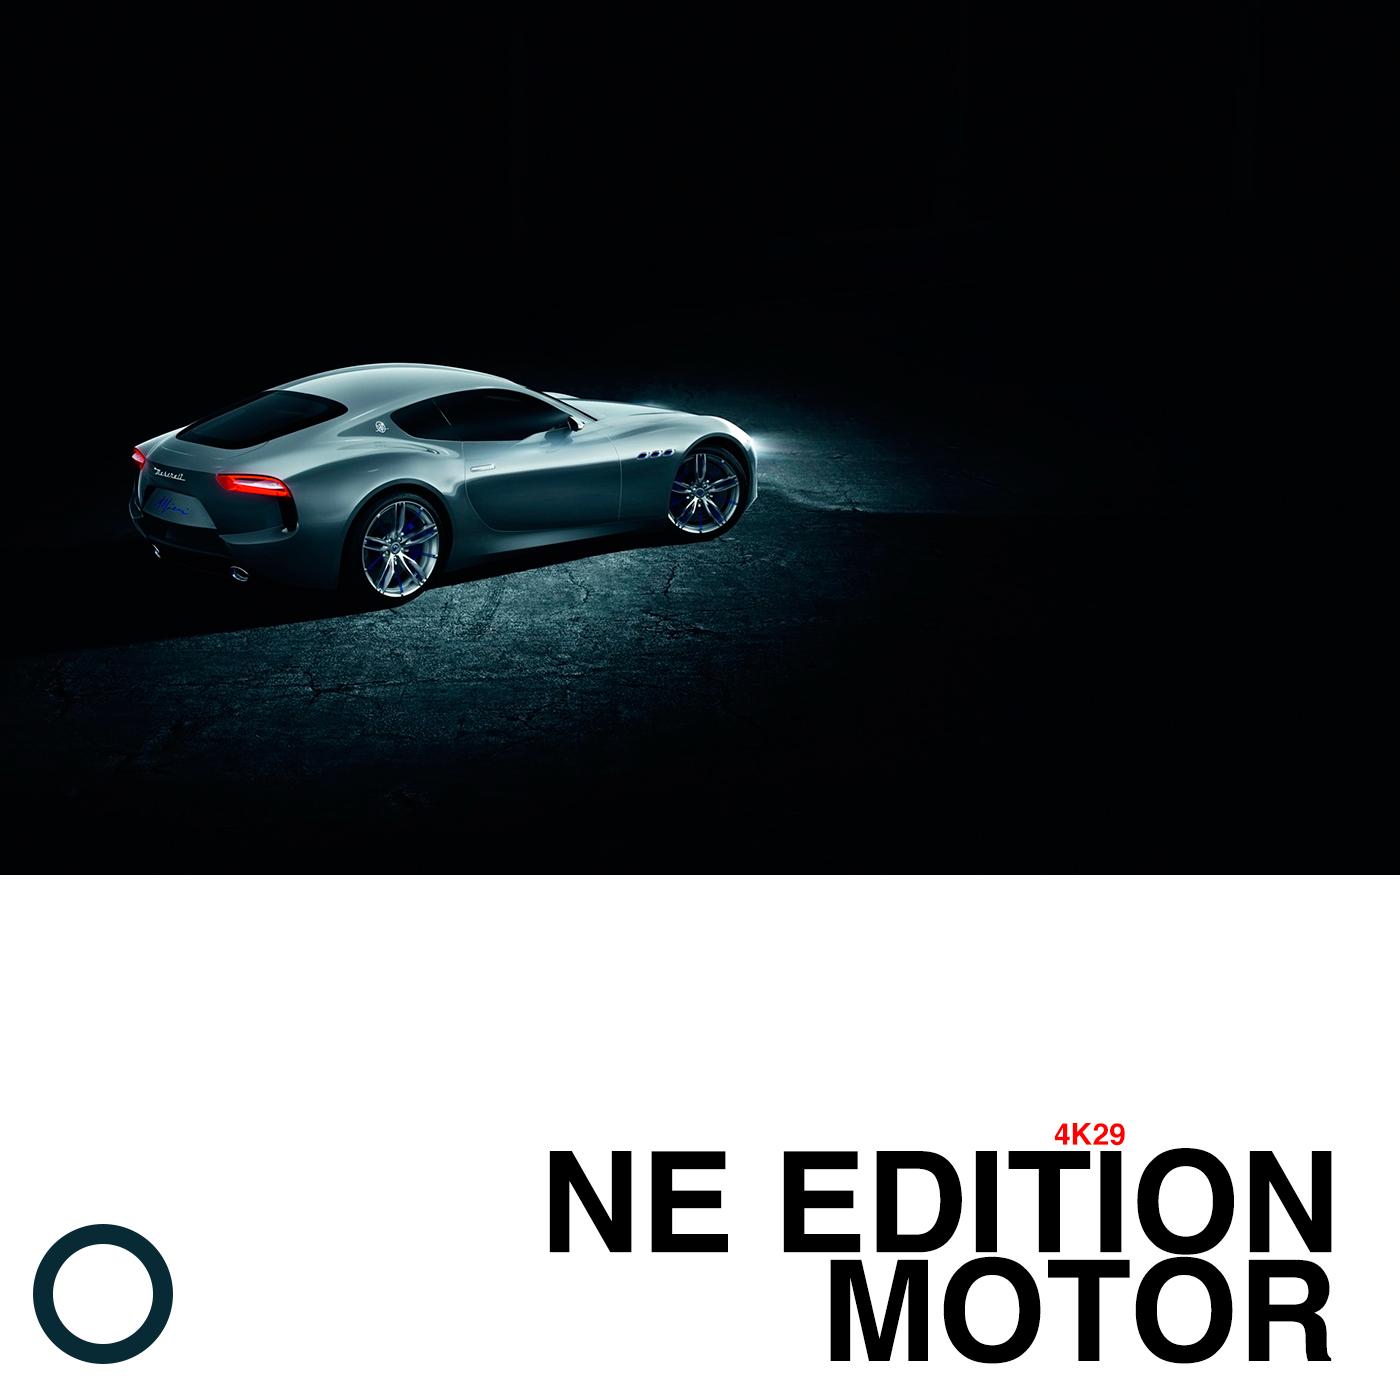 NE EDITION MOTOR 4K29